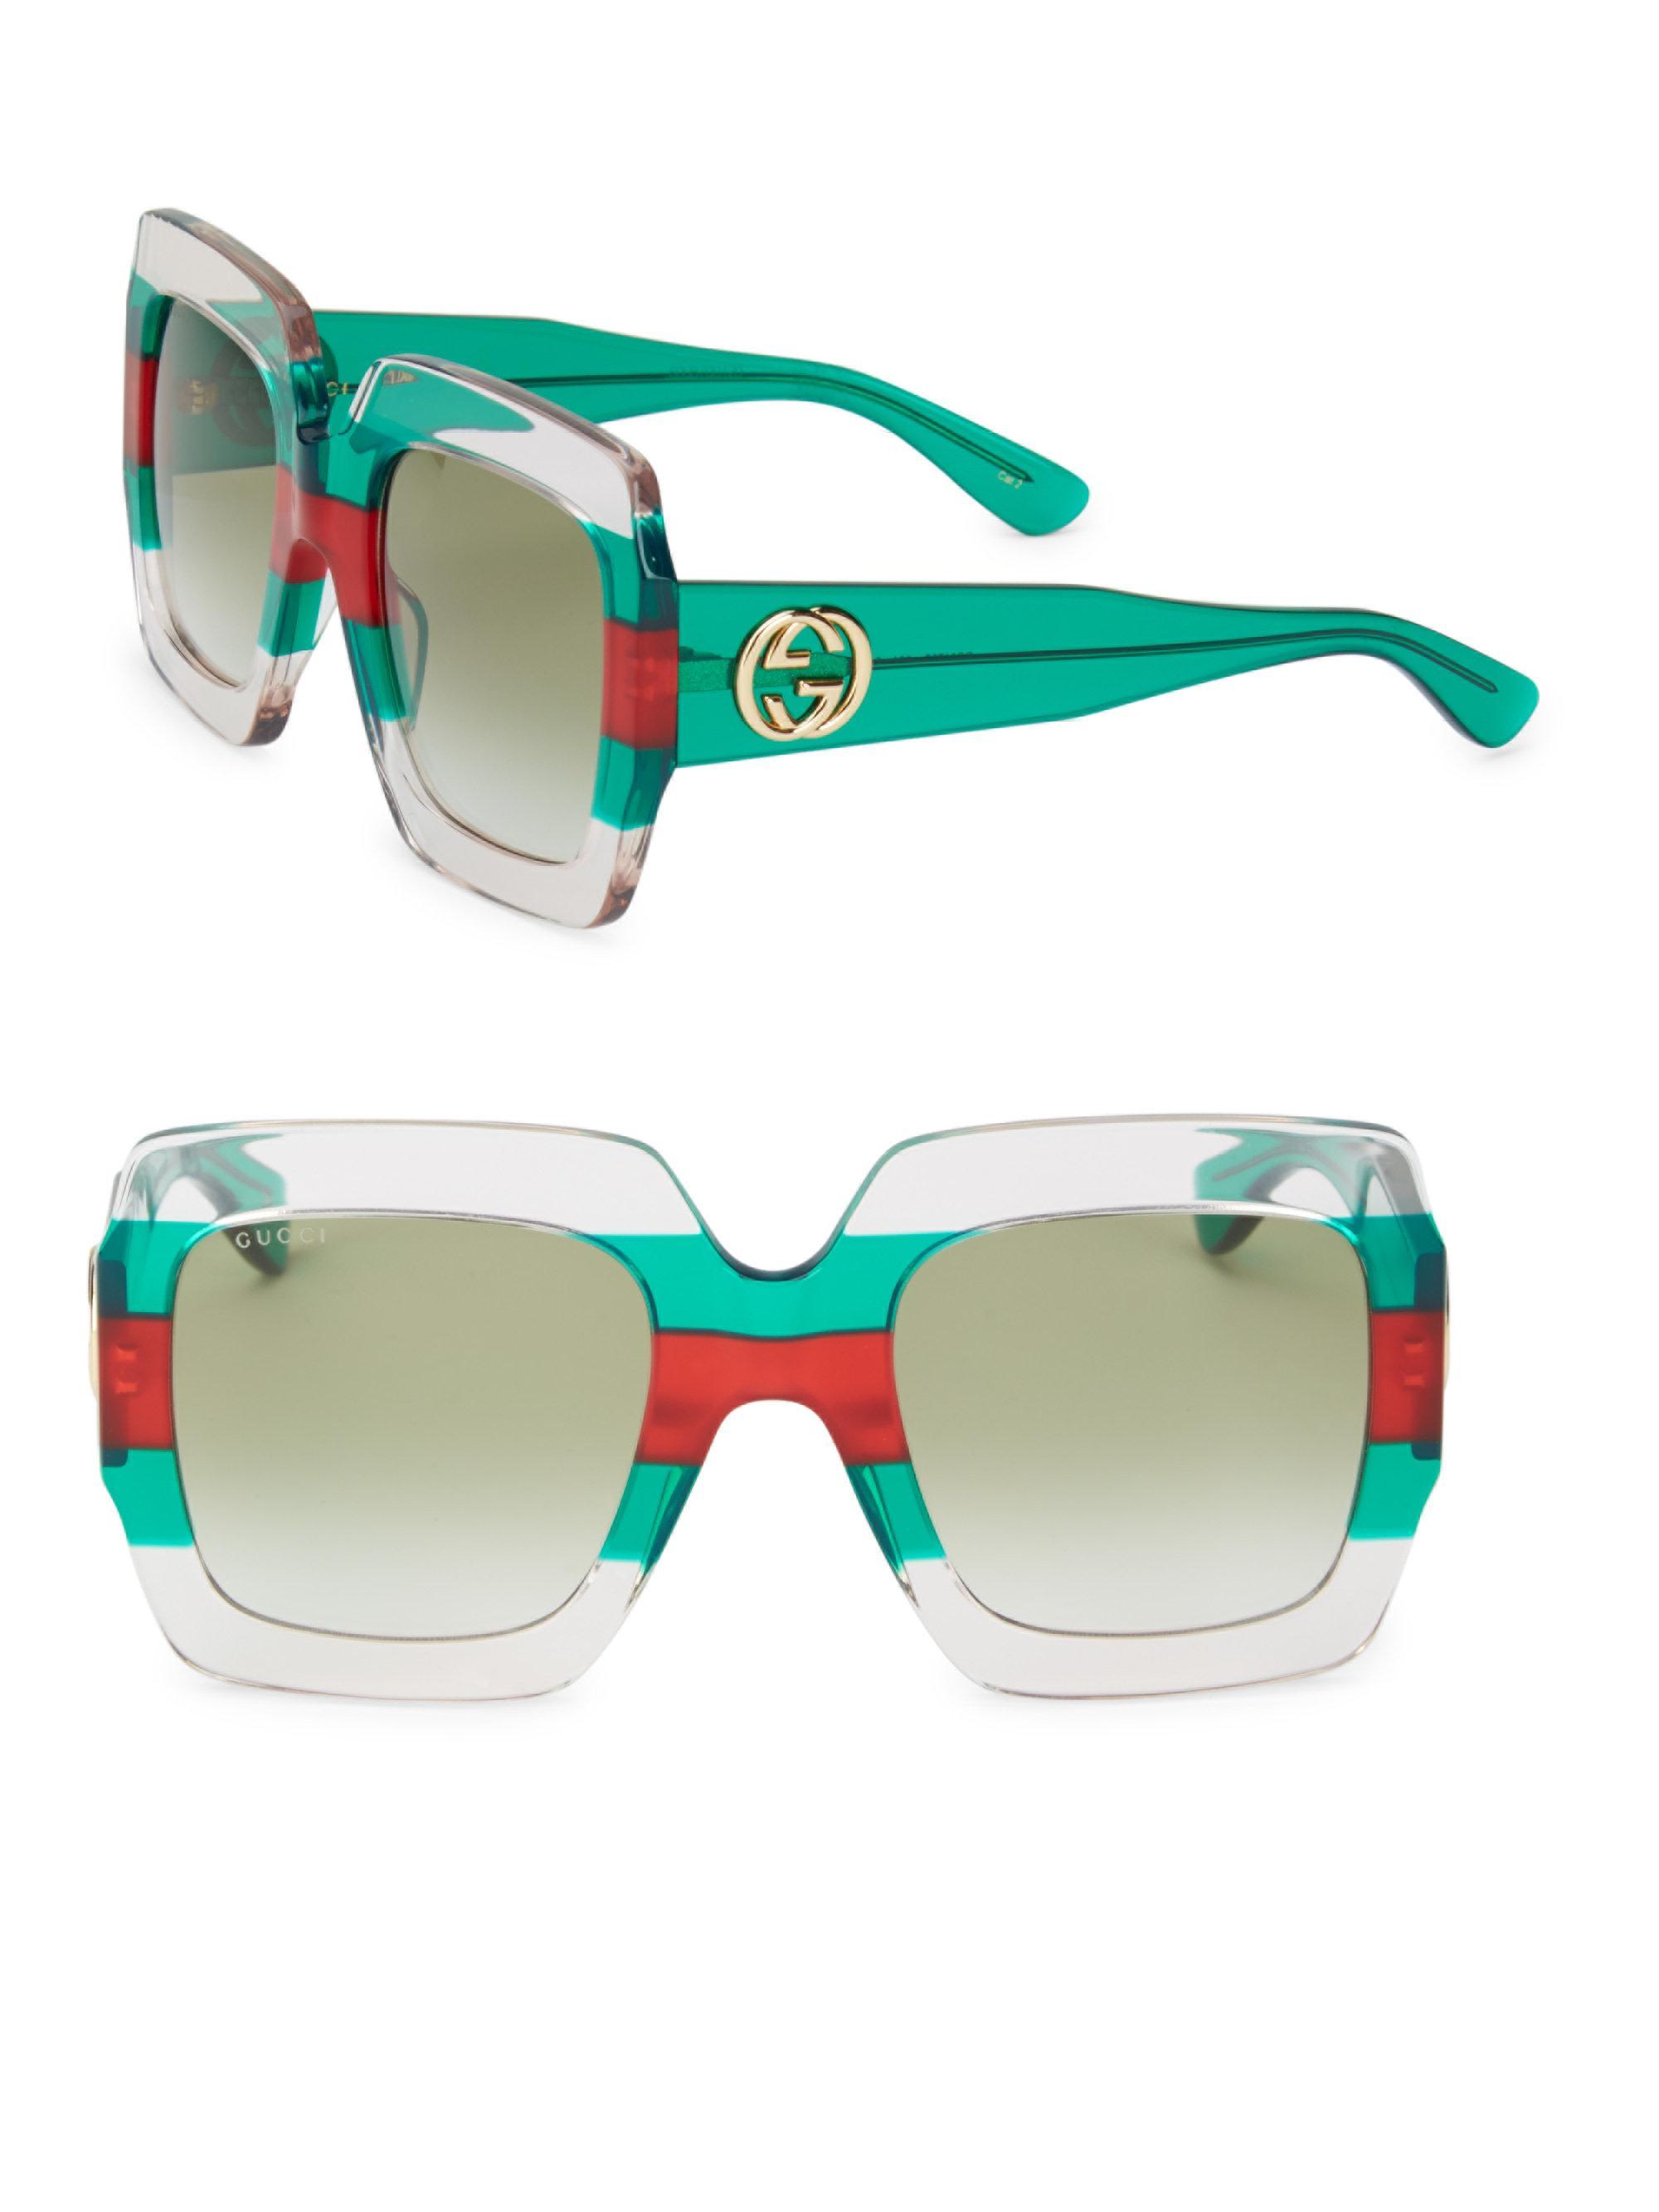 Striped Square-frame Acetate Sunglasses - Green Gucci wlg1fxyyo